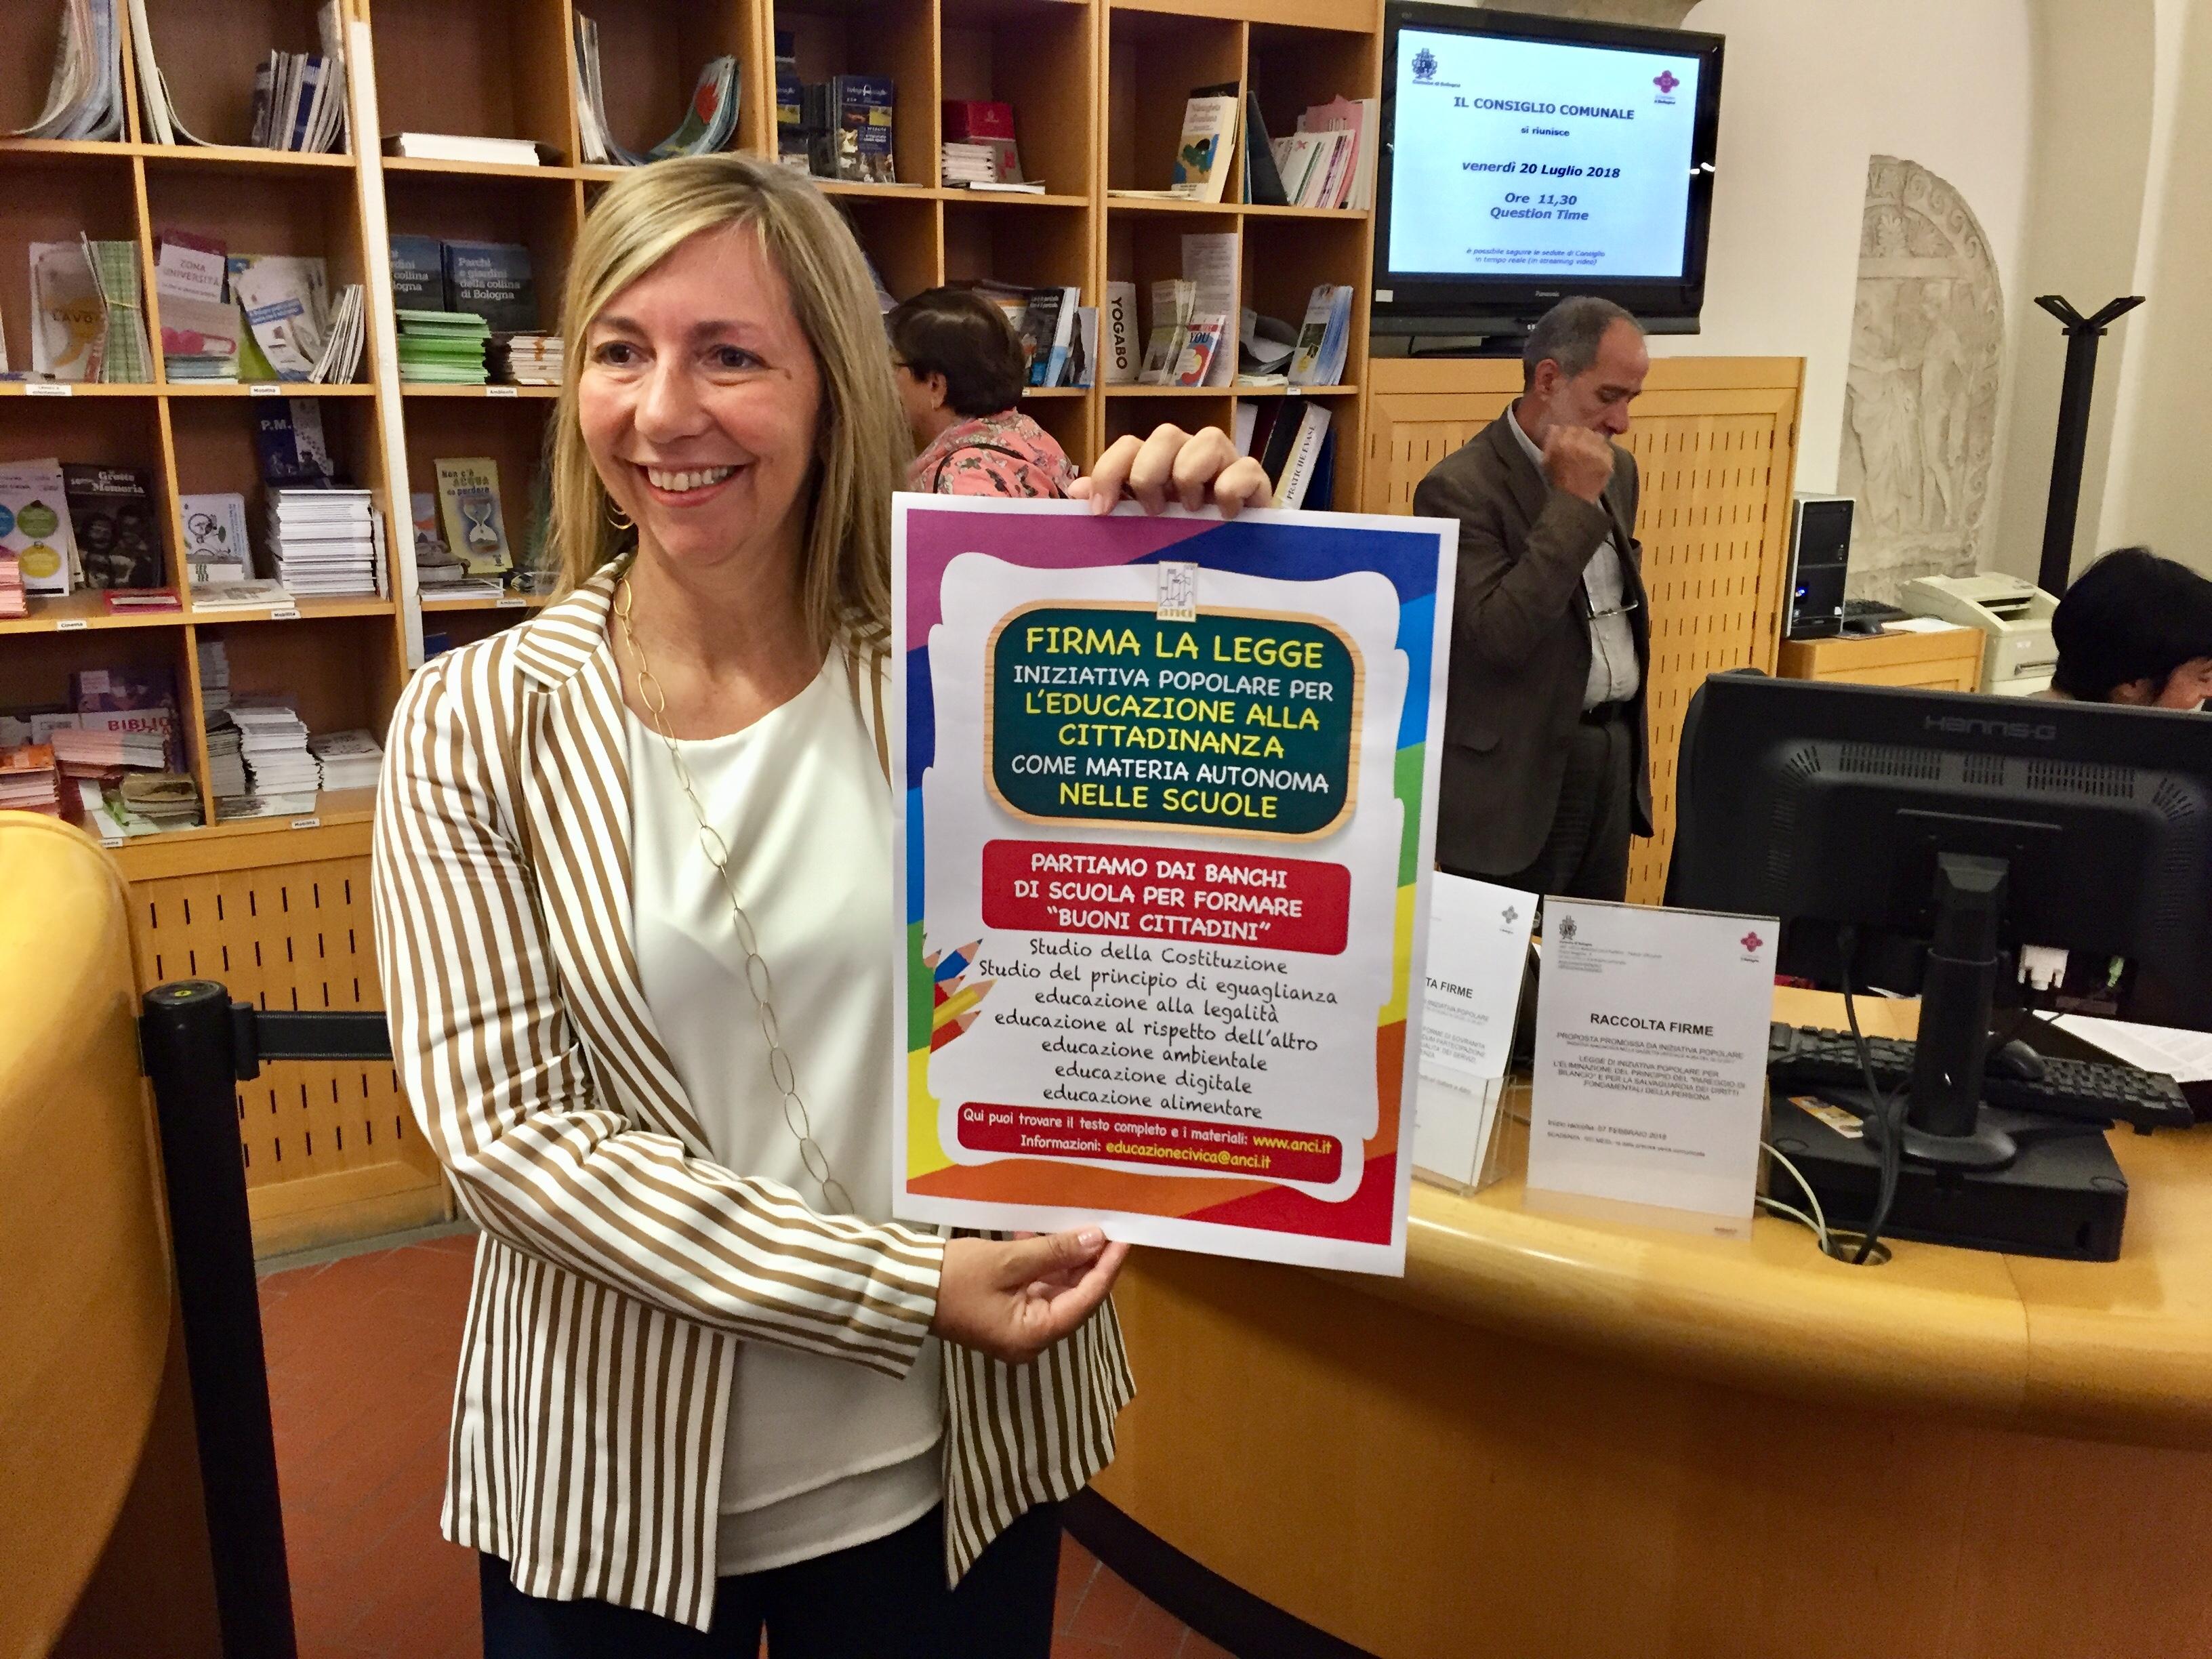 Ufficio Verde Comune Di Bologna : Educazione alla cittadinanza parte la raccolta firme iperbole